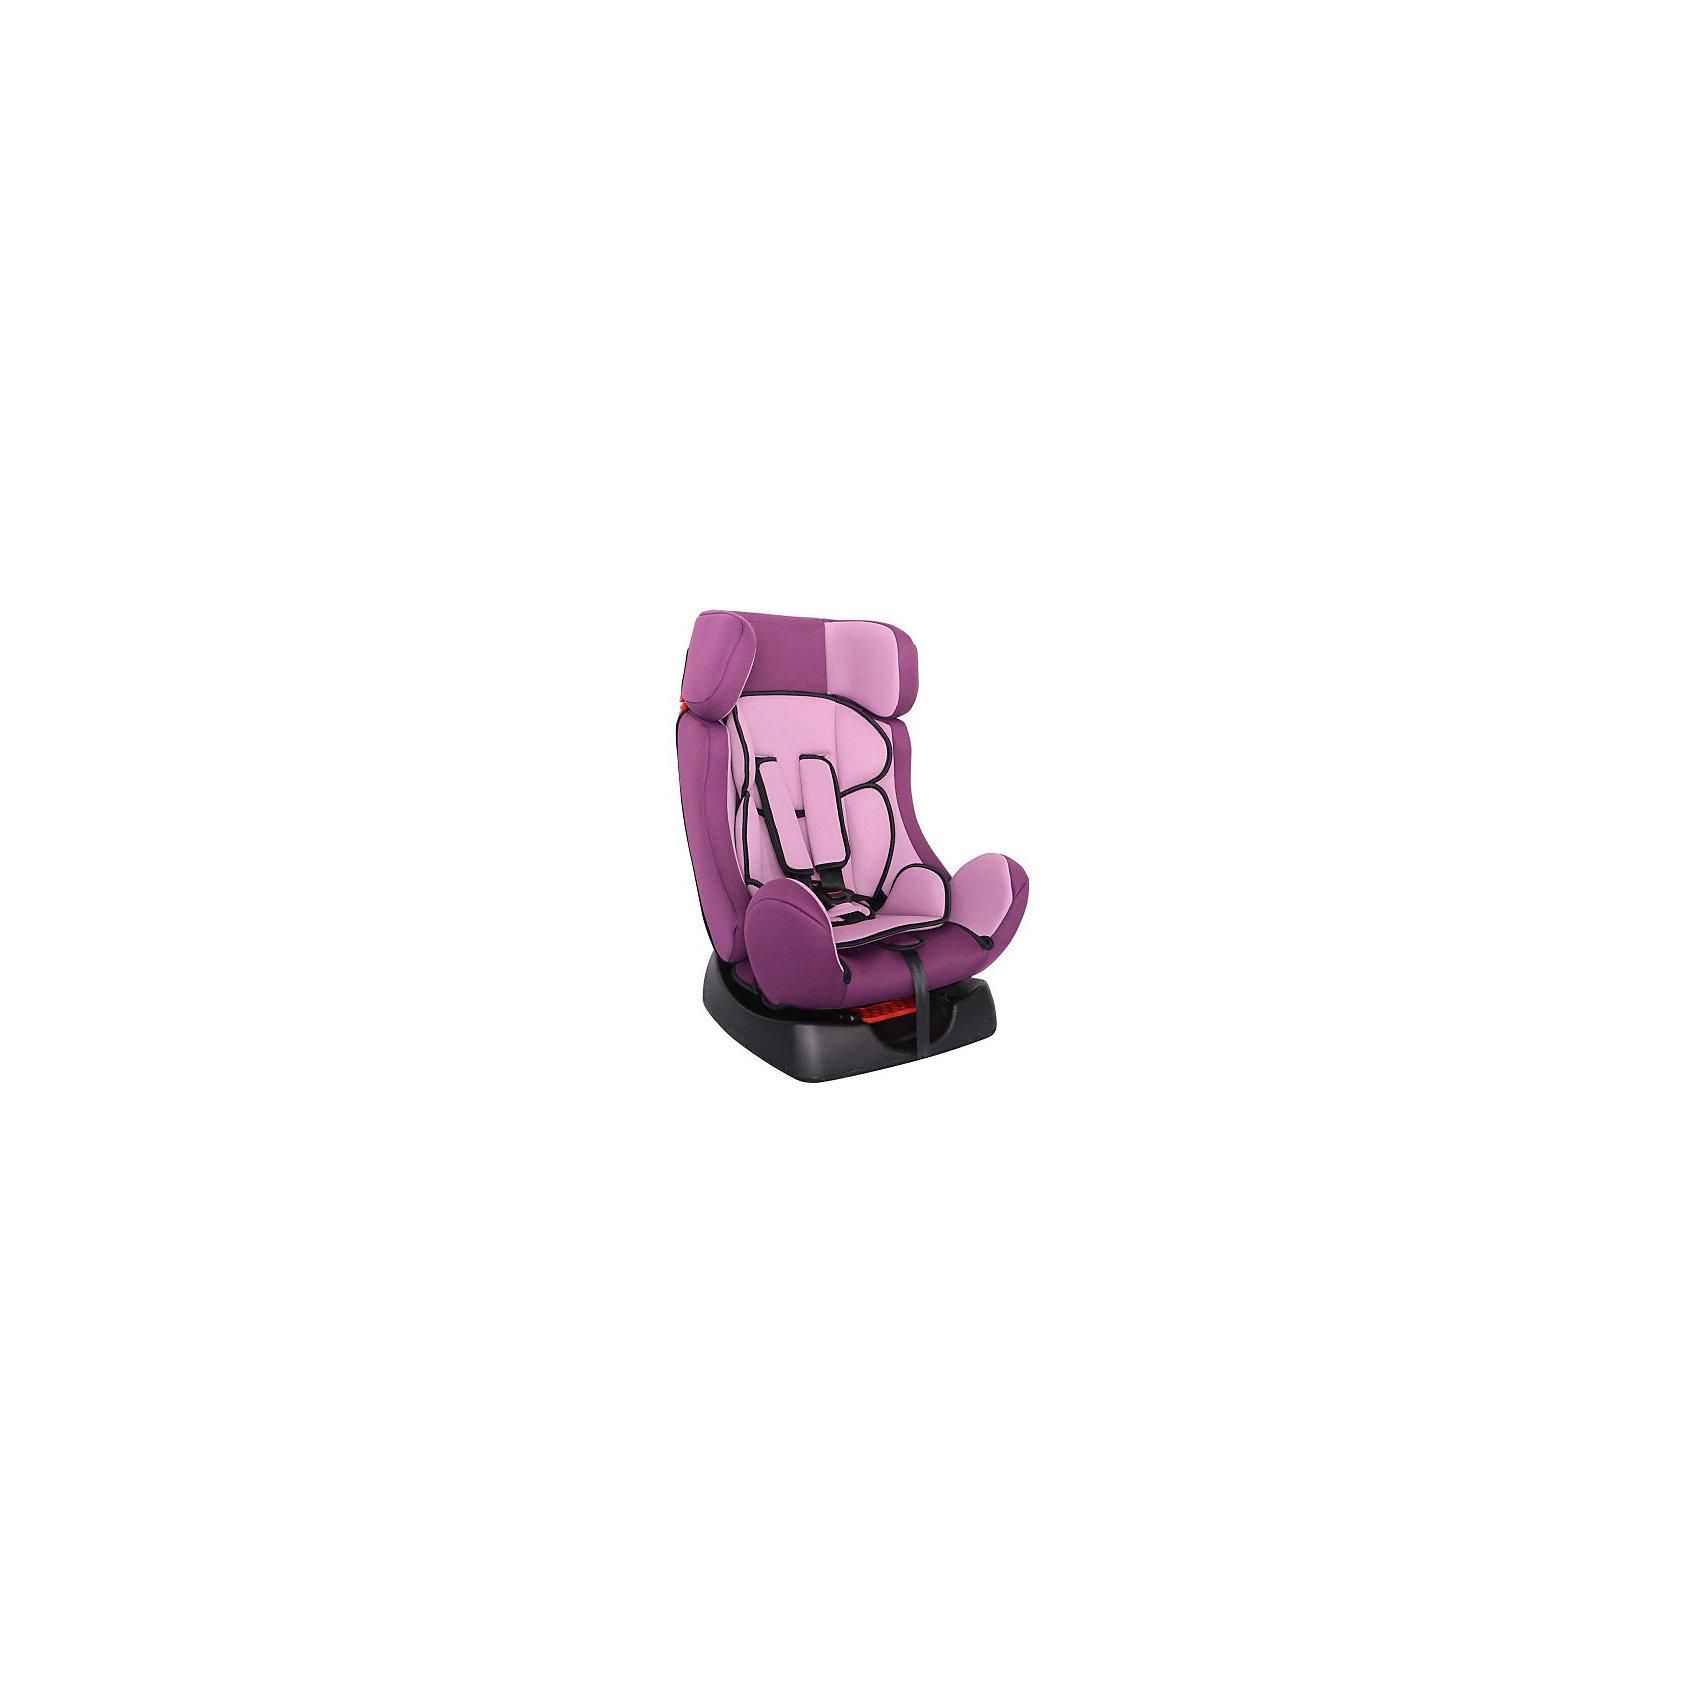 Автокресло Диона, 0-25 кг., Siger, фиолетовыйSiger Диона очень красивое, практичное и надежное автокресло. Оно сделано из качественных, современных материалов, которые обеспечат не только максимальный уровень безопасности, но и длительный срок службы. Спинка кресла имеет каркас анатомической формы и фиксируется в трех разных положениях. Удобный съёмный чехол легко поддается стирке или чистке.<br><br>Дополнительная информация:<br><br>- Материал: текстиль, пластик, металл.<br>- Размер: 63x45x45 см<br>- Возраст: от 0 месяцев до 7 лет<br>- Группа: 1/2 (9-25 кг)<br>- Вес кресла: 5.7 кг<br>- Внутренние 5-точечные ремни безопасности<br>- 3 положения регулировки наклона кресла<br><br>Автокресло Диона, 0-25 кг., Siger, фиолетовый можно купить в нашем интернет-магазине.<br><br>Ширина мм: 450<br>Глубина мм: 450<br>Высота мм: 630<br>Вес г: 5700<br>Возраст от месяцев: 0<br>Возраст до месяцев: 84<br>Пол: Унисекс<br>Возраст: Детский<br>SKU: 4809124